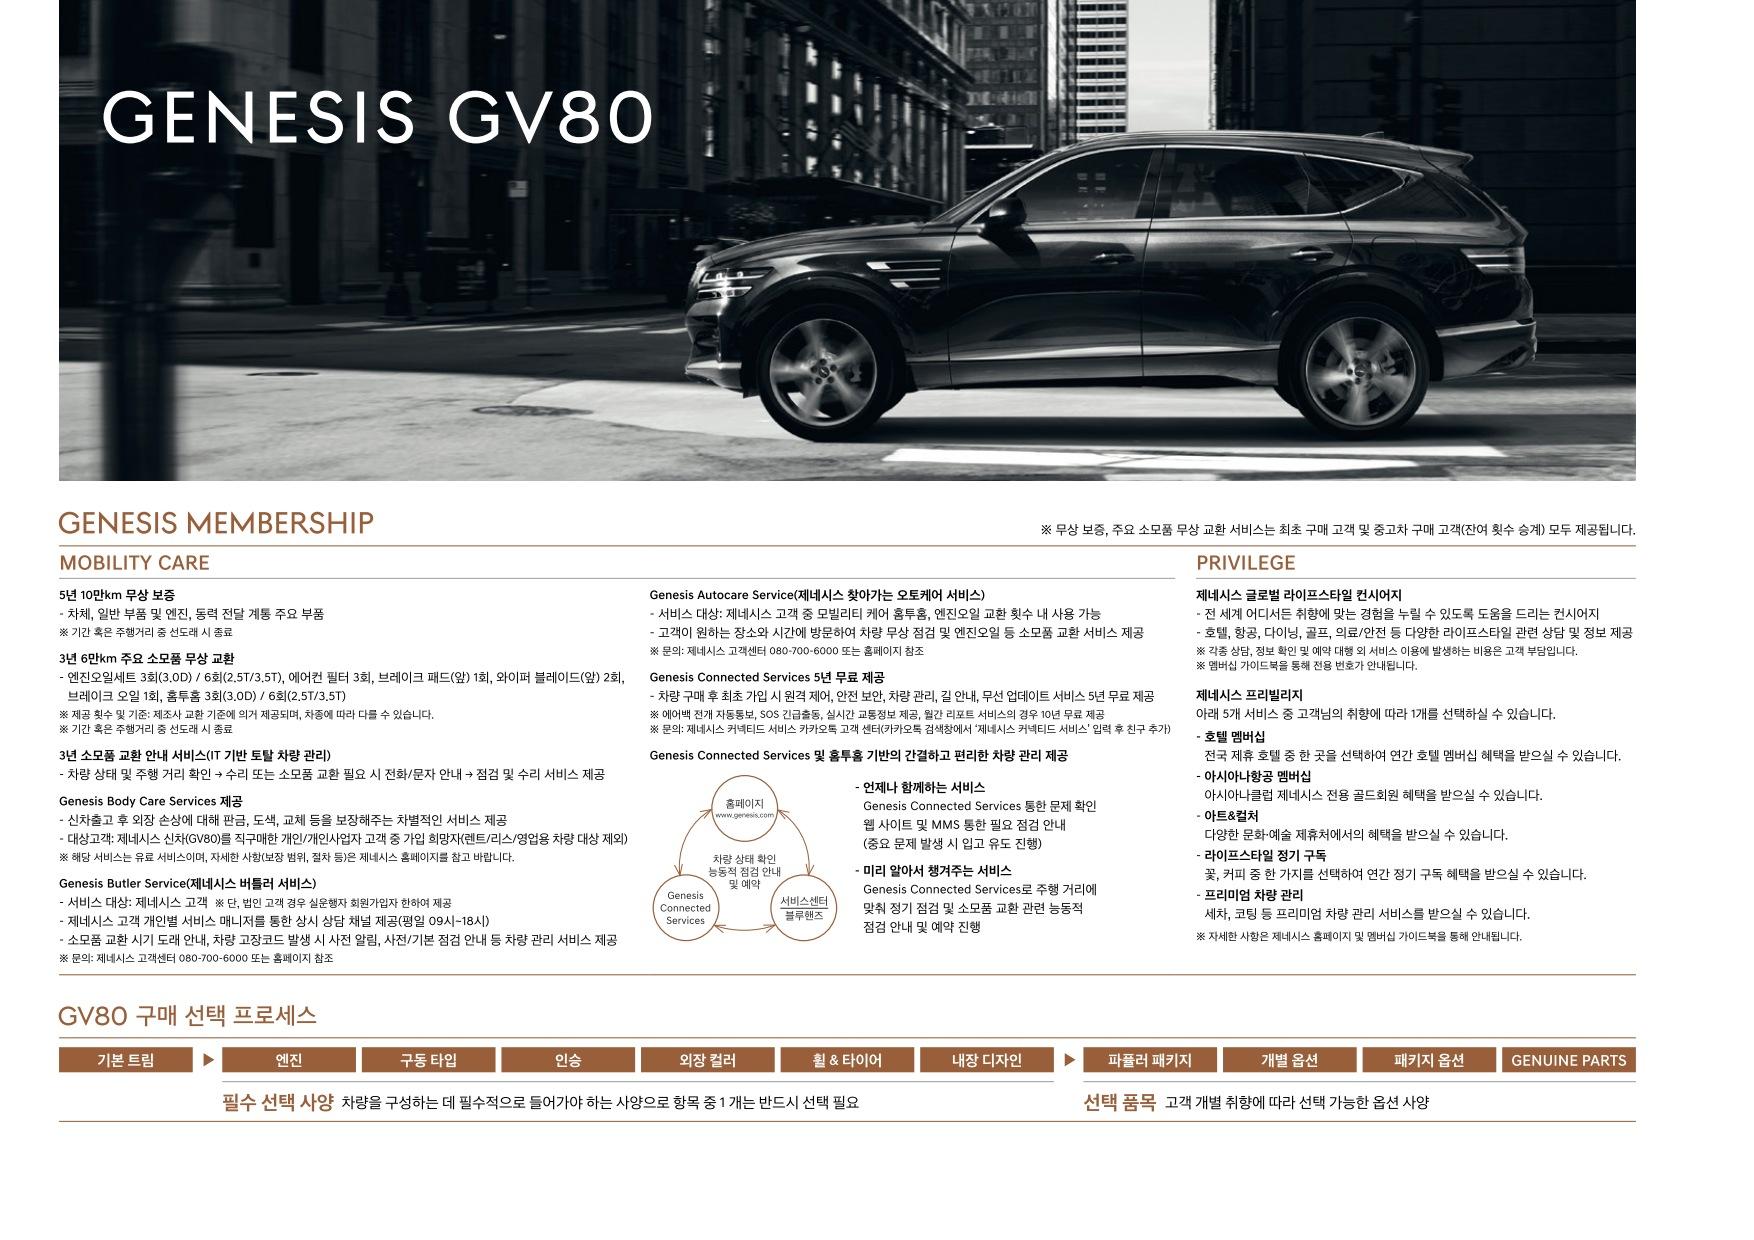 genesis-gv80-22my-pricelist-kor-202108_01.jpg